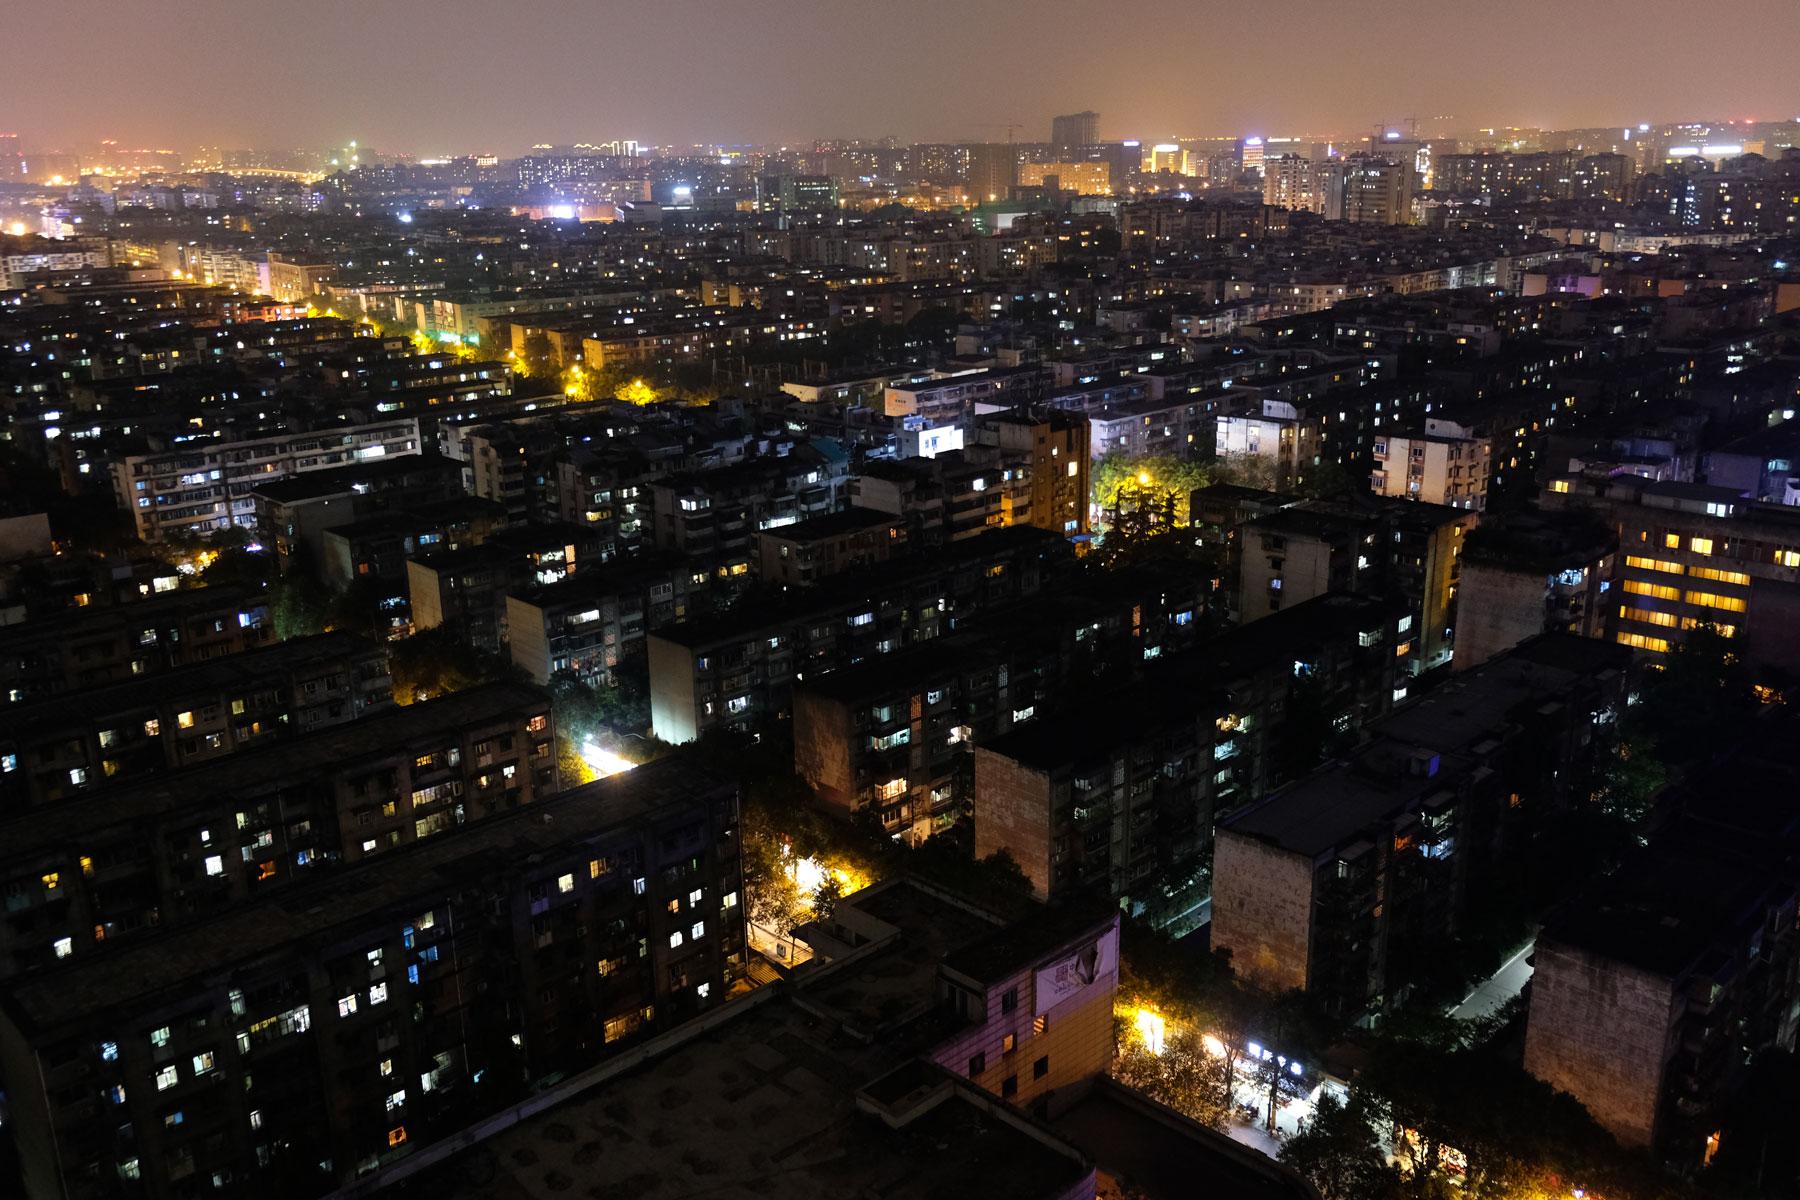 Wohnhäuser in Chengdu bei Nacht.